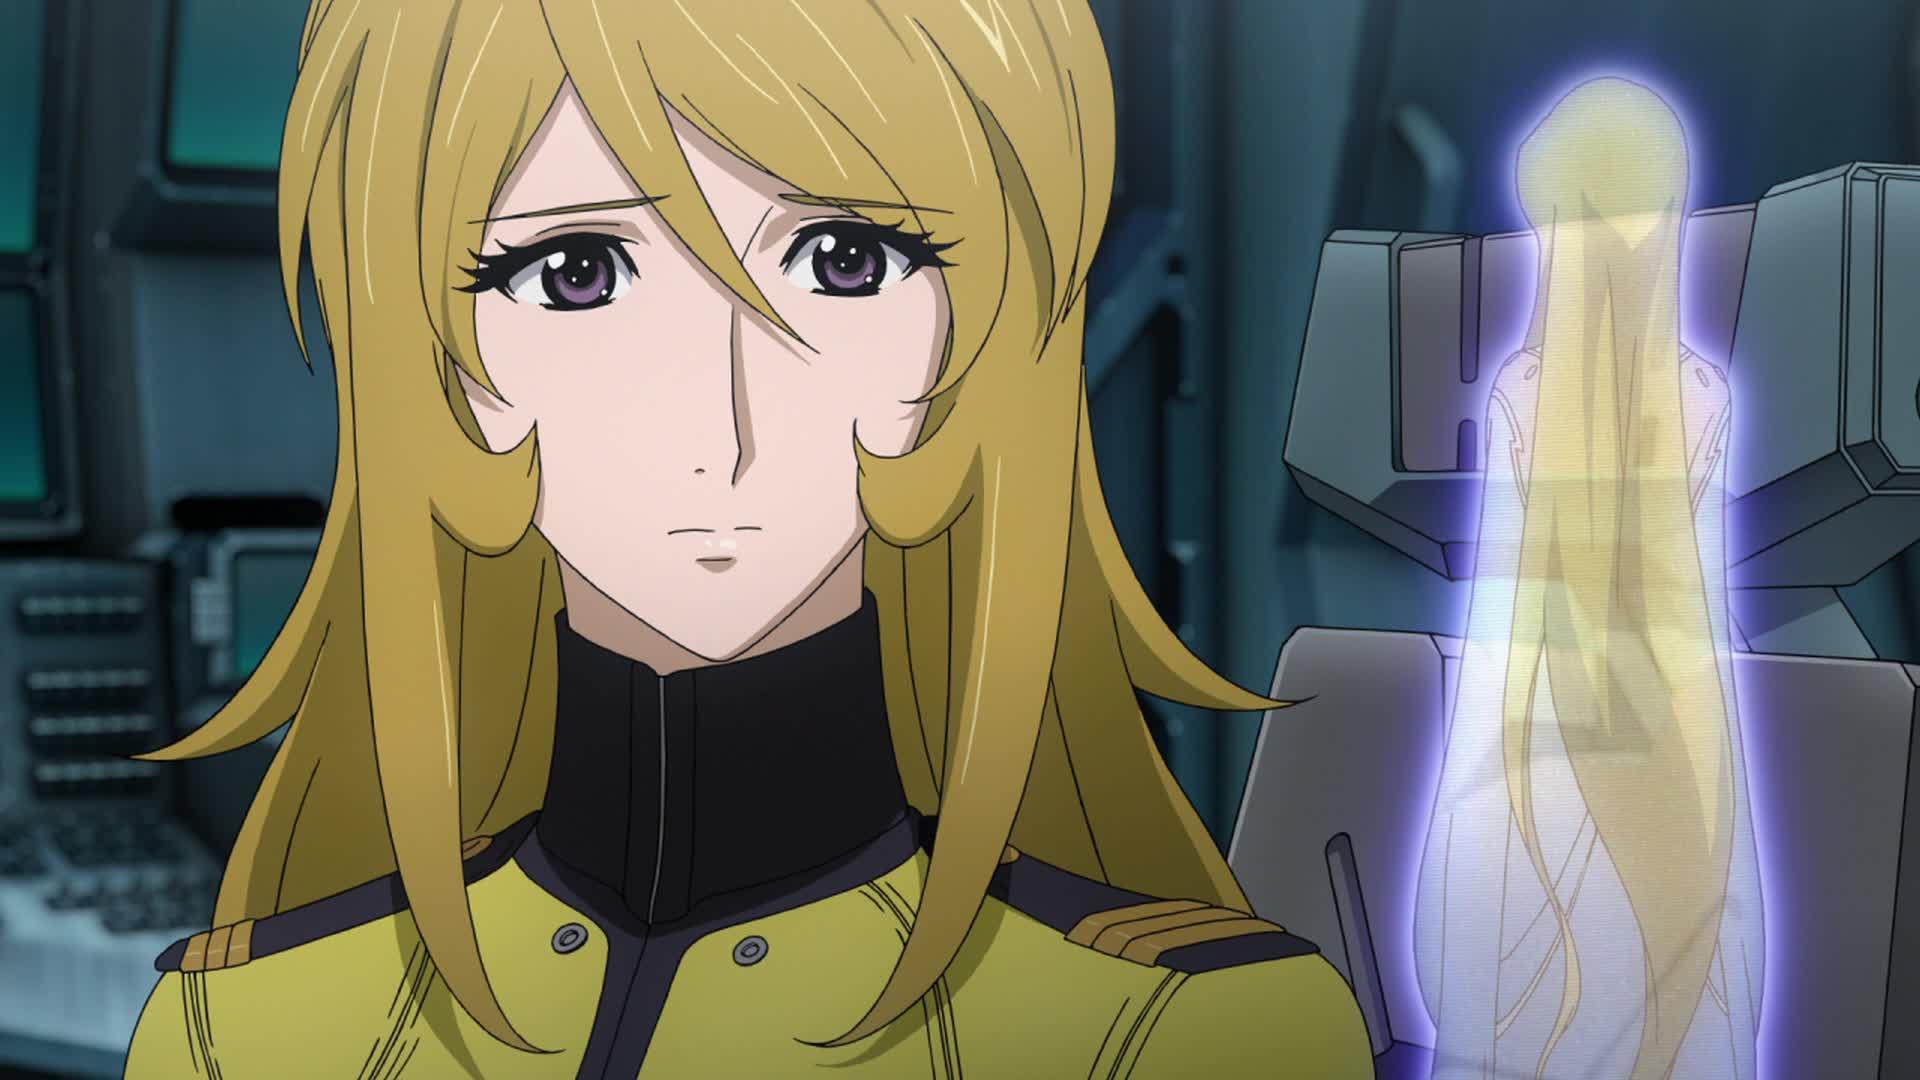 Wallpaper Mori Yuki Space Battleship Yamato 2199 Anime Girls